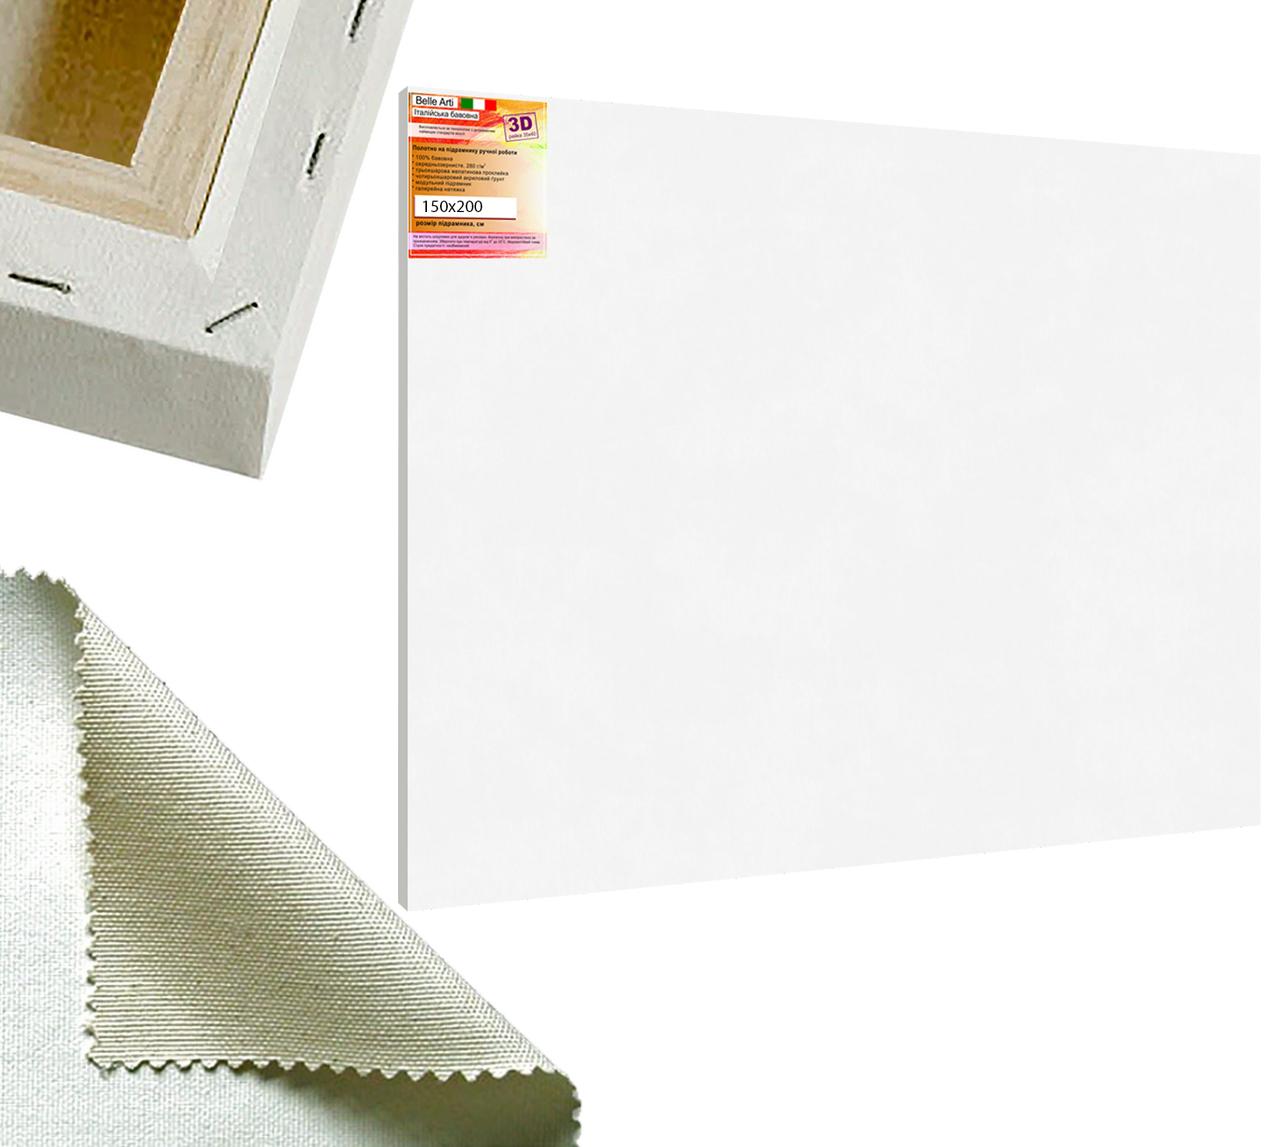 Холст на подрамнике Factura BelleArti 3D 150х200 см Итальянский хлопок 285 грамм кв.м. среднее зерно белый